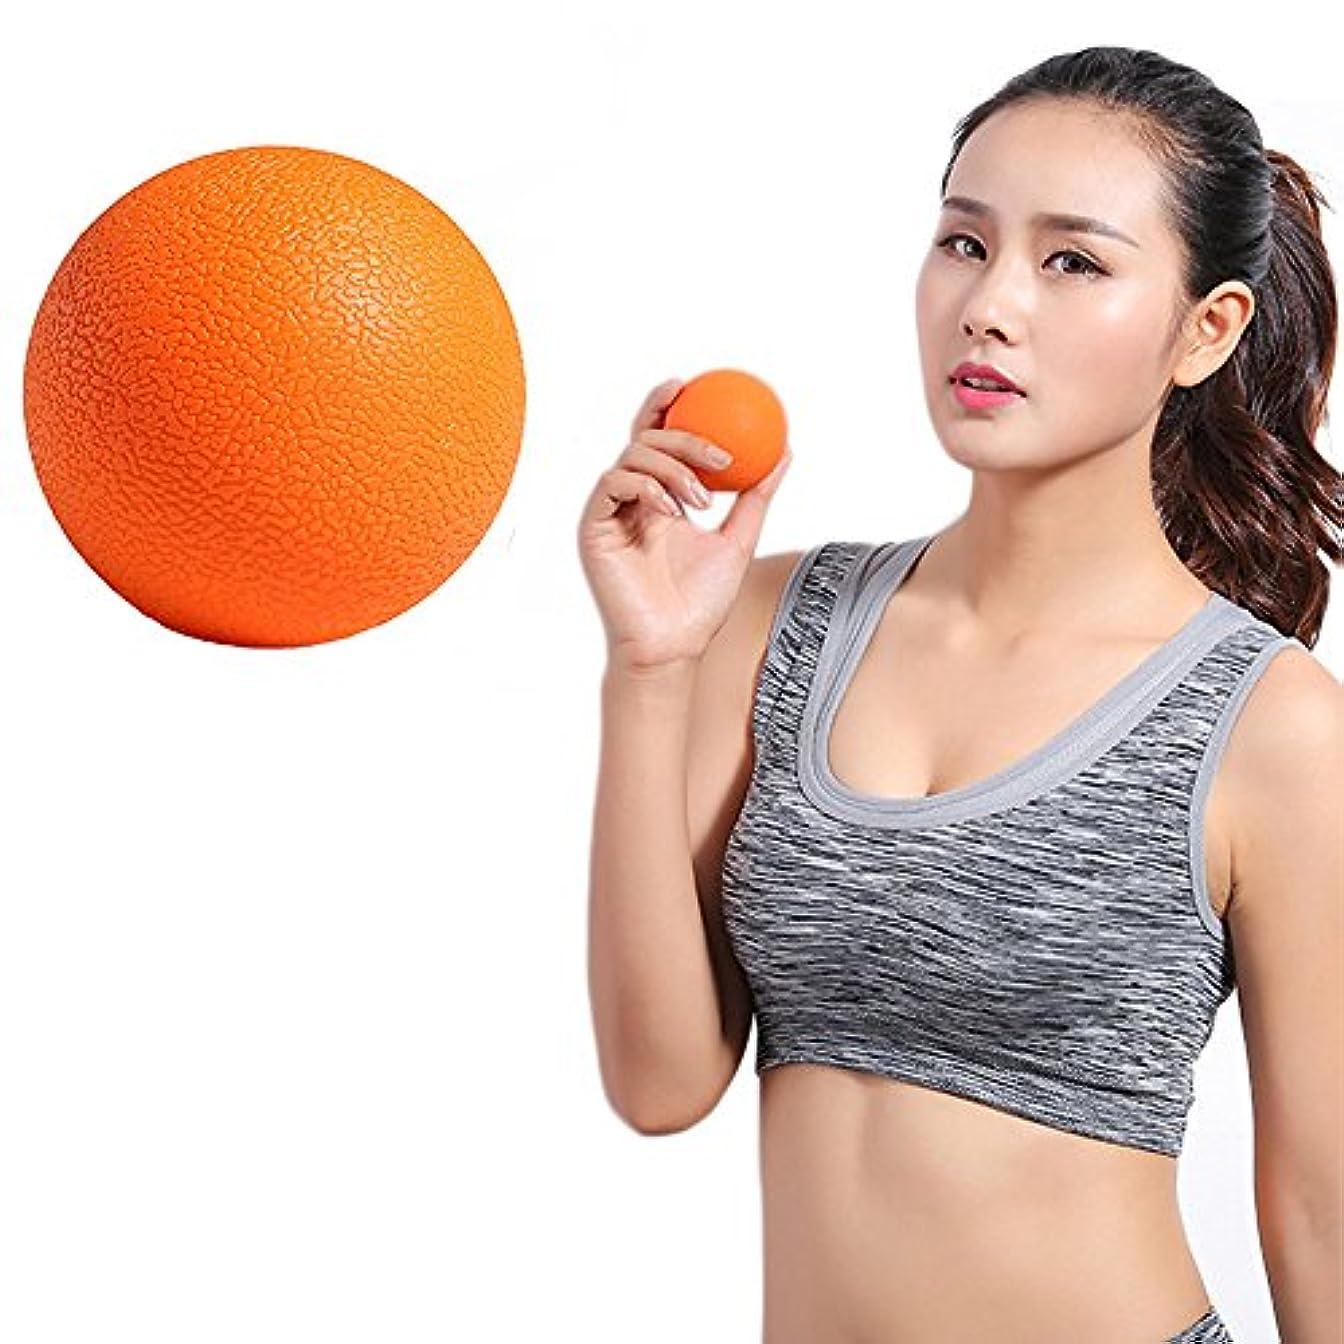 ラベルイブニング穏やかなZafina マッサージボール トリガーポイント ストレッチボール 筋膜球 筋膜リリース 指圧ボール 首から足裏まで全身に使える 血液循環 エクササイズグッズ 1個入り (オレンジ)